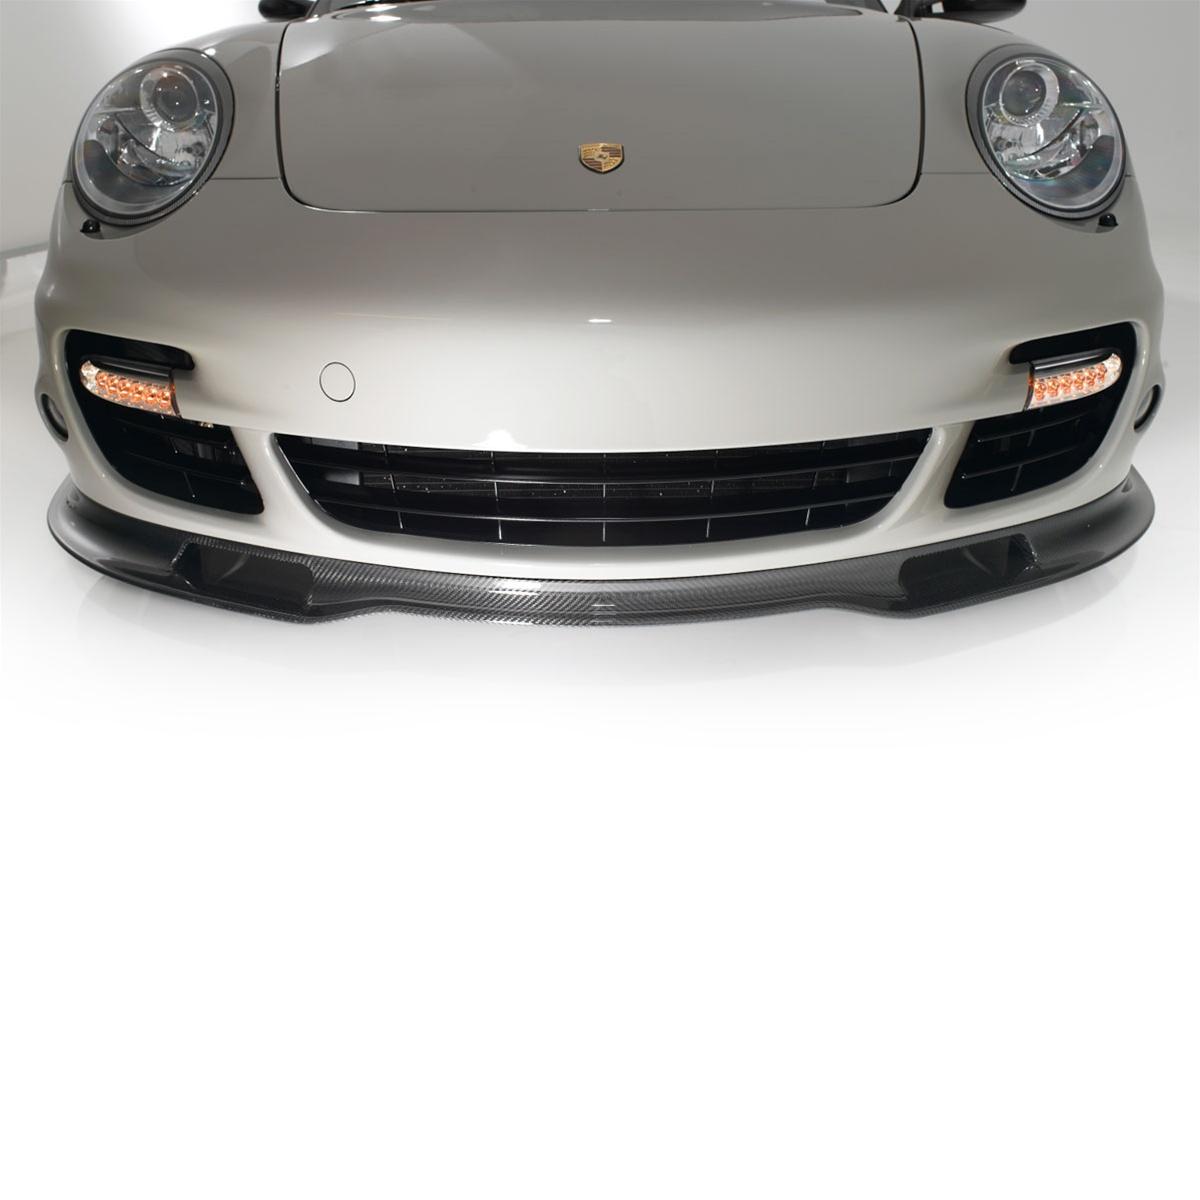 Werks1 Porsche 997 1 997 2 Turbo Carbon Fiber Front Splitter